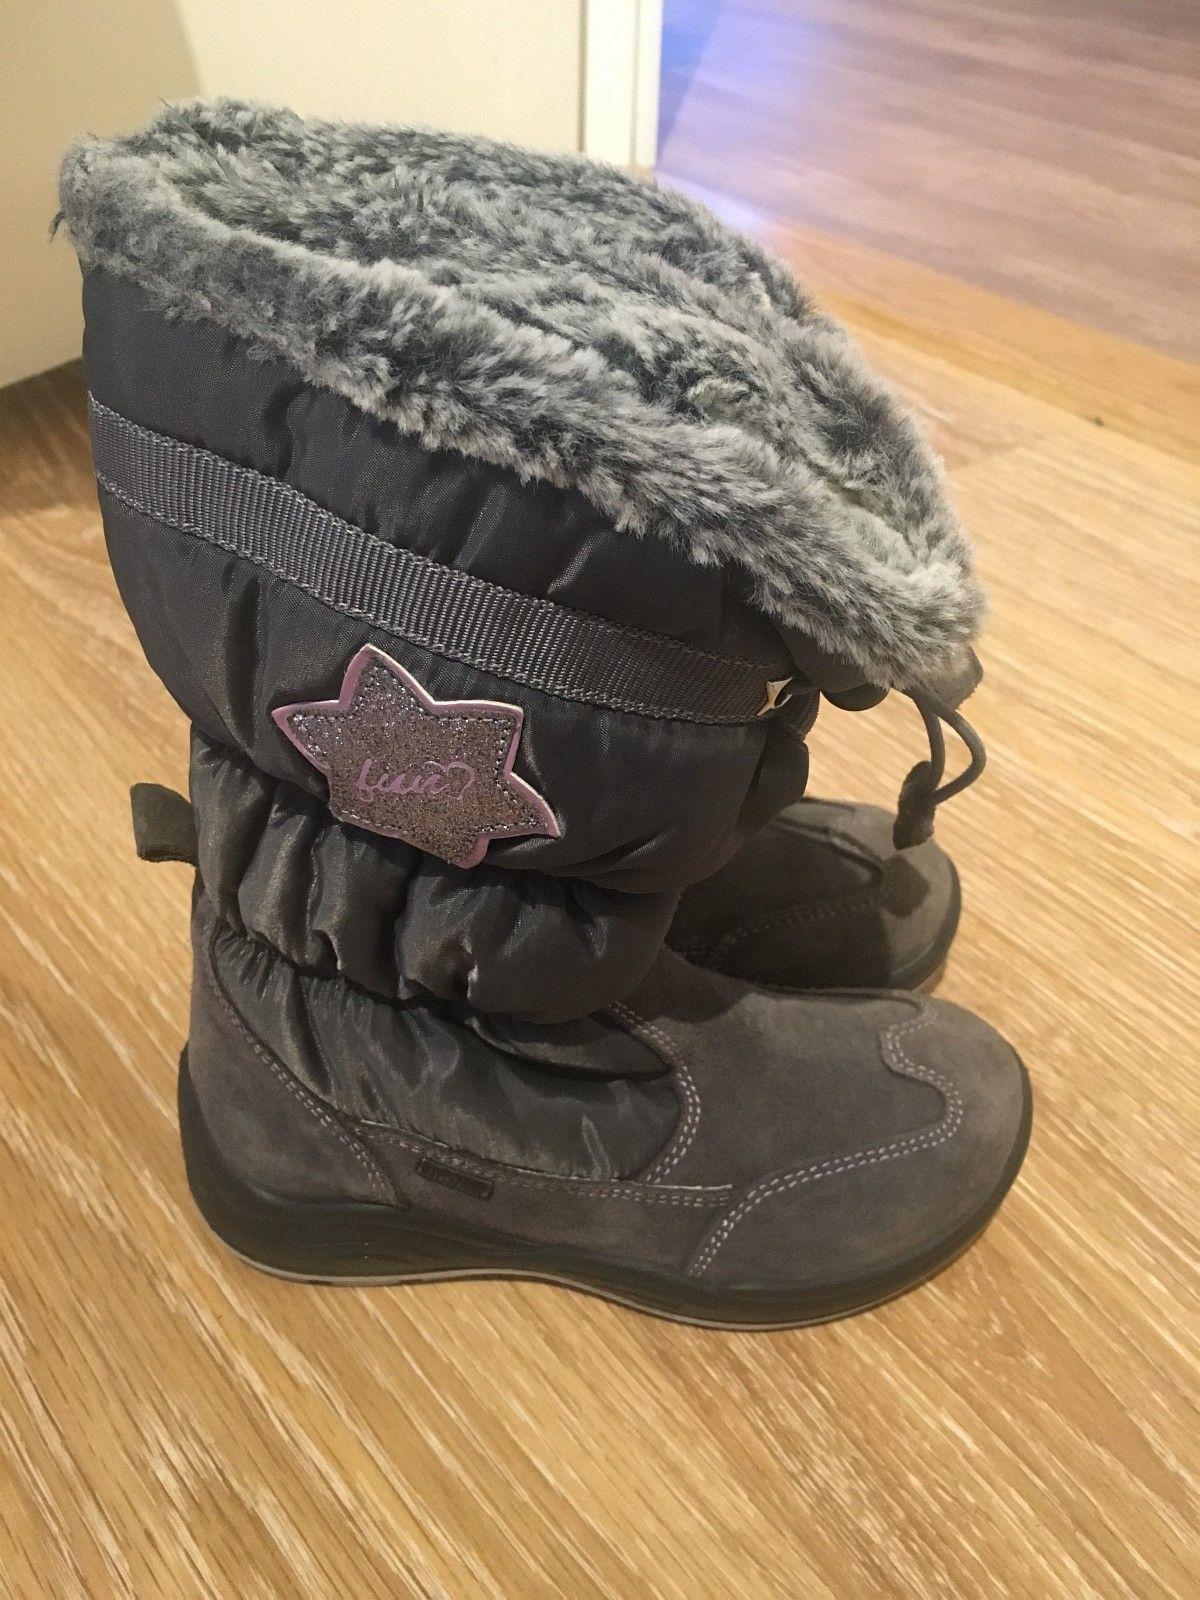 Grå vinterstøvler fra Geox - Slattum  - Grå vinterstøvler fra Geox, pent brukt. Ingen slitasje. Str. 31. - Slattum